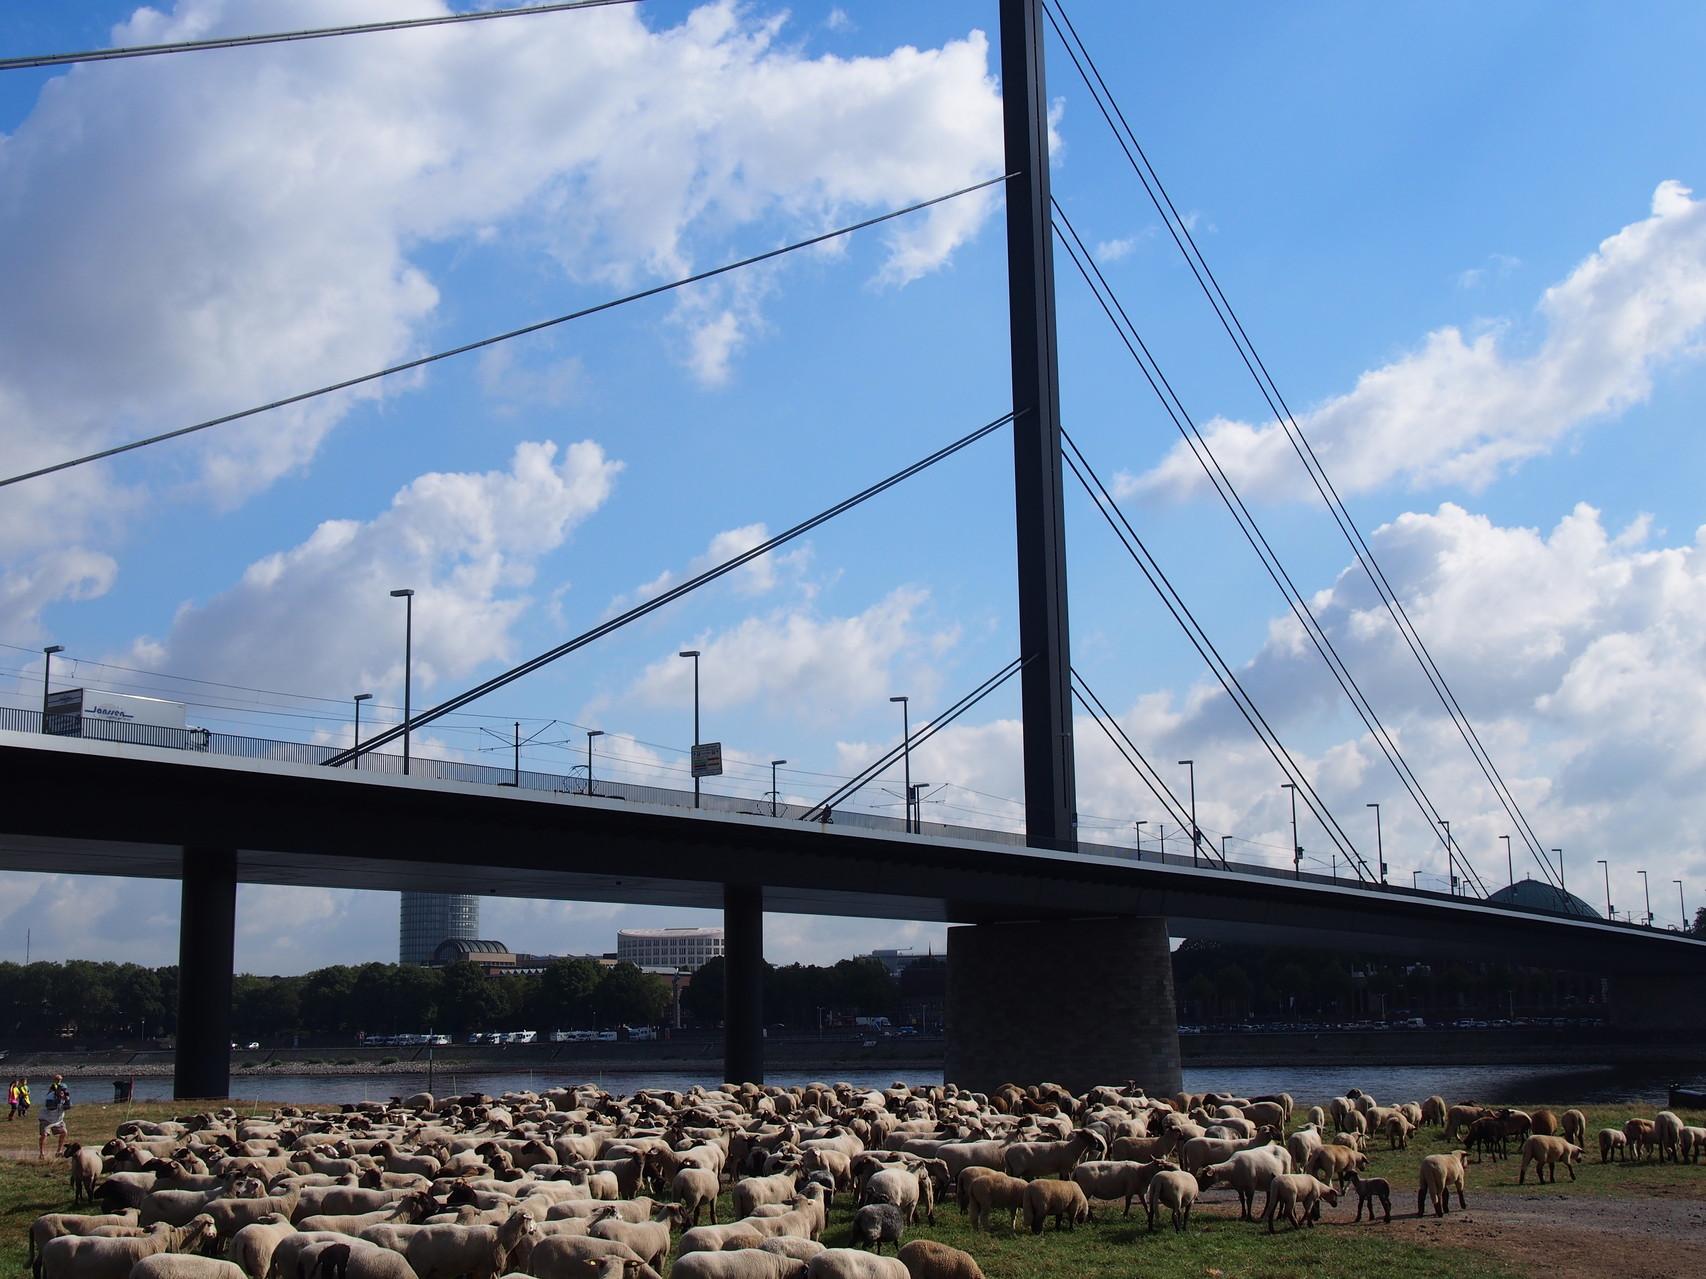 市内から高級住宅街に繋ぐ橋「オーバーカッセラーブリュッケ」